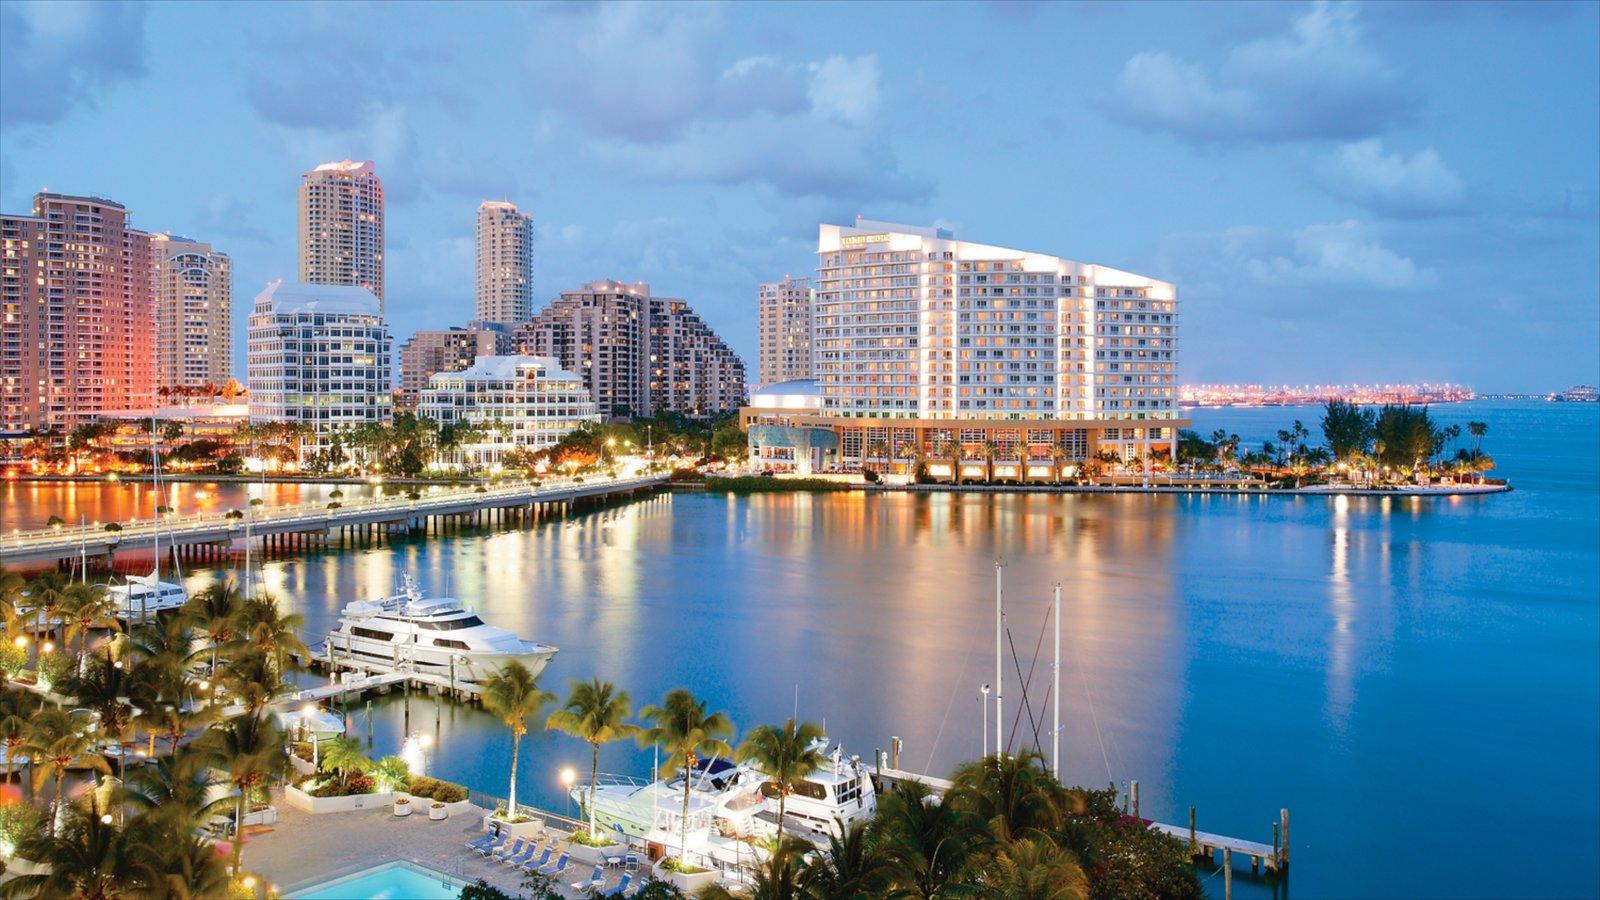 Miami que inclui cbd, paisagens litorâneas e cenas tropicais